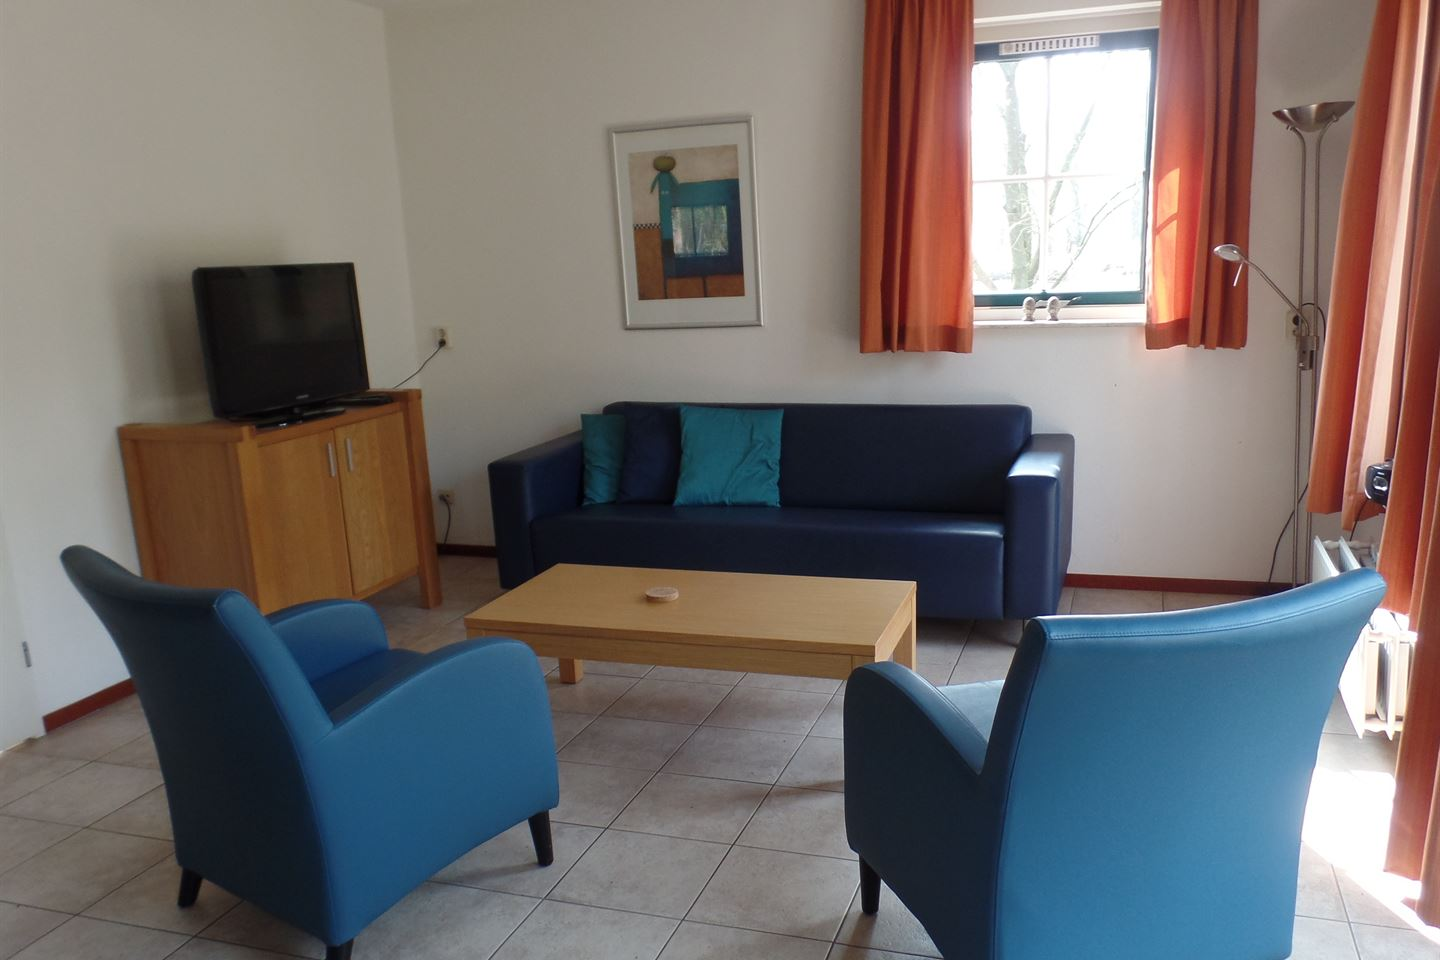 Bekijk foto 4 van Hof van Halenweg 2 216